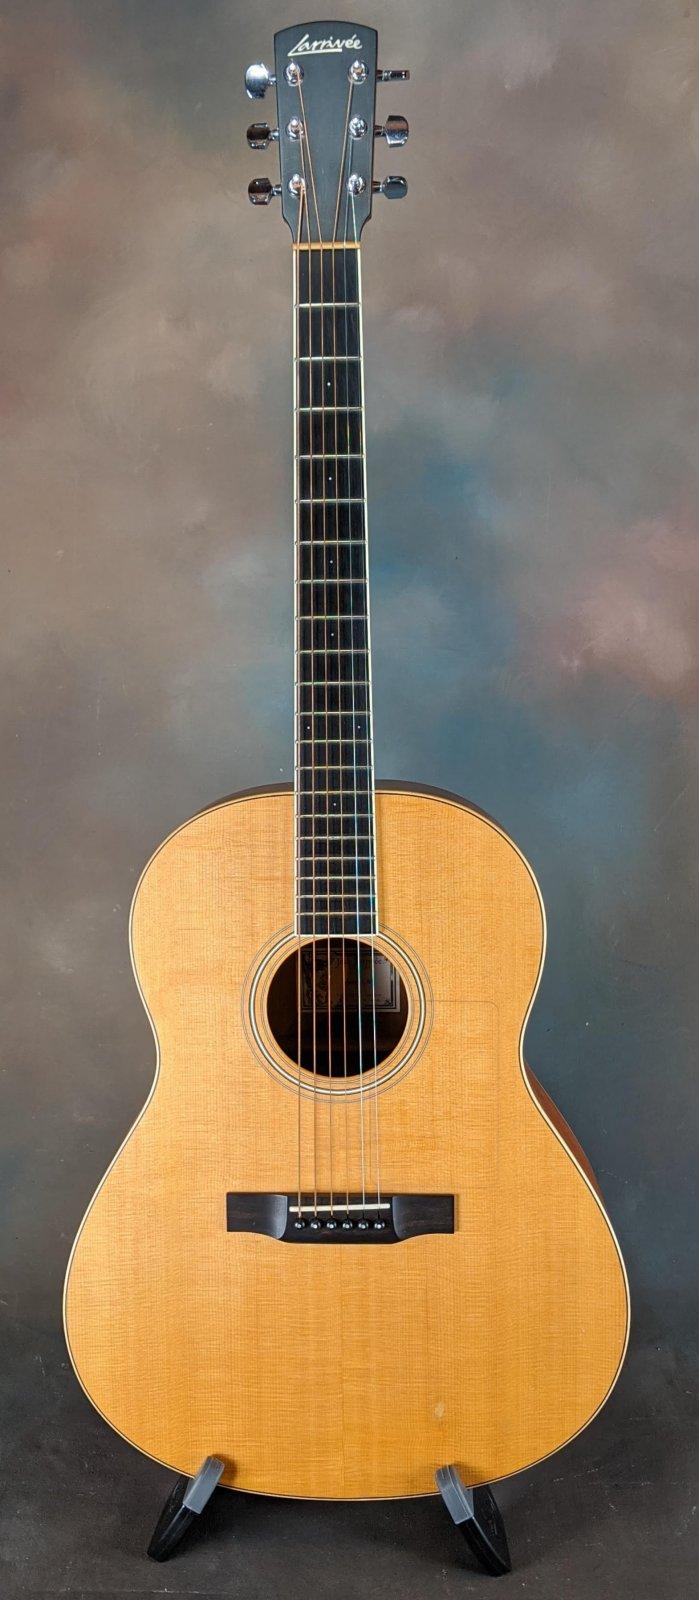 2004 Larrivee L03 Acoustic